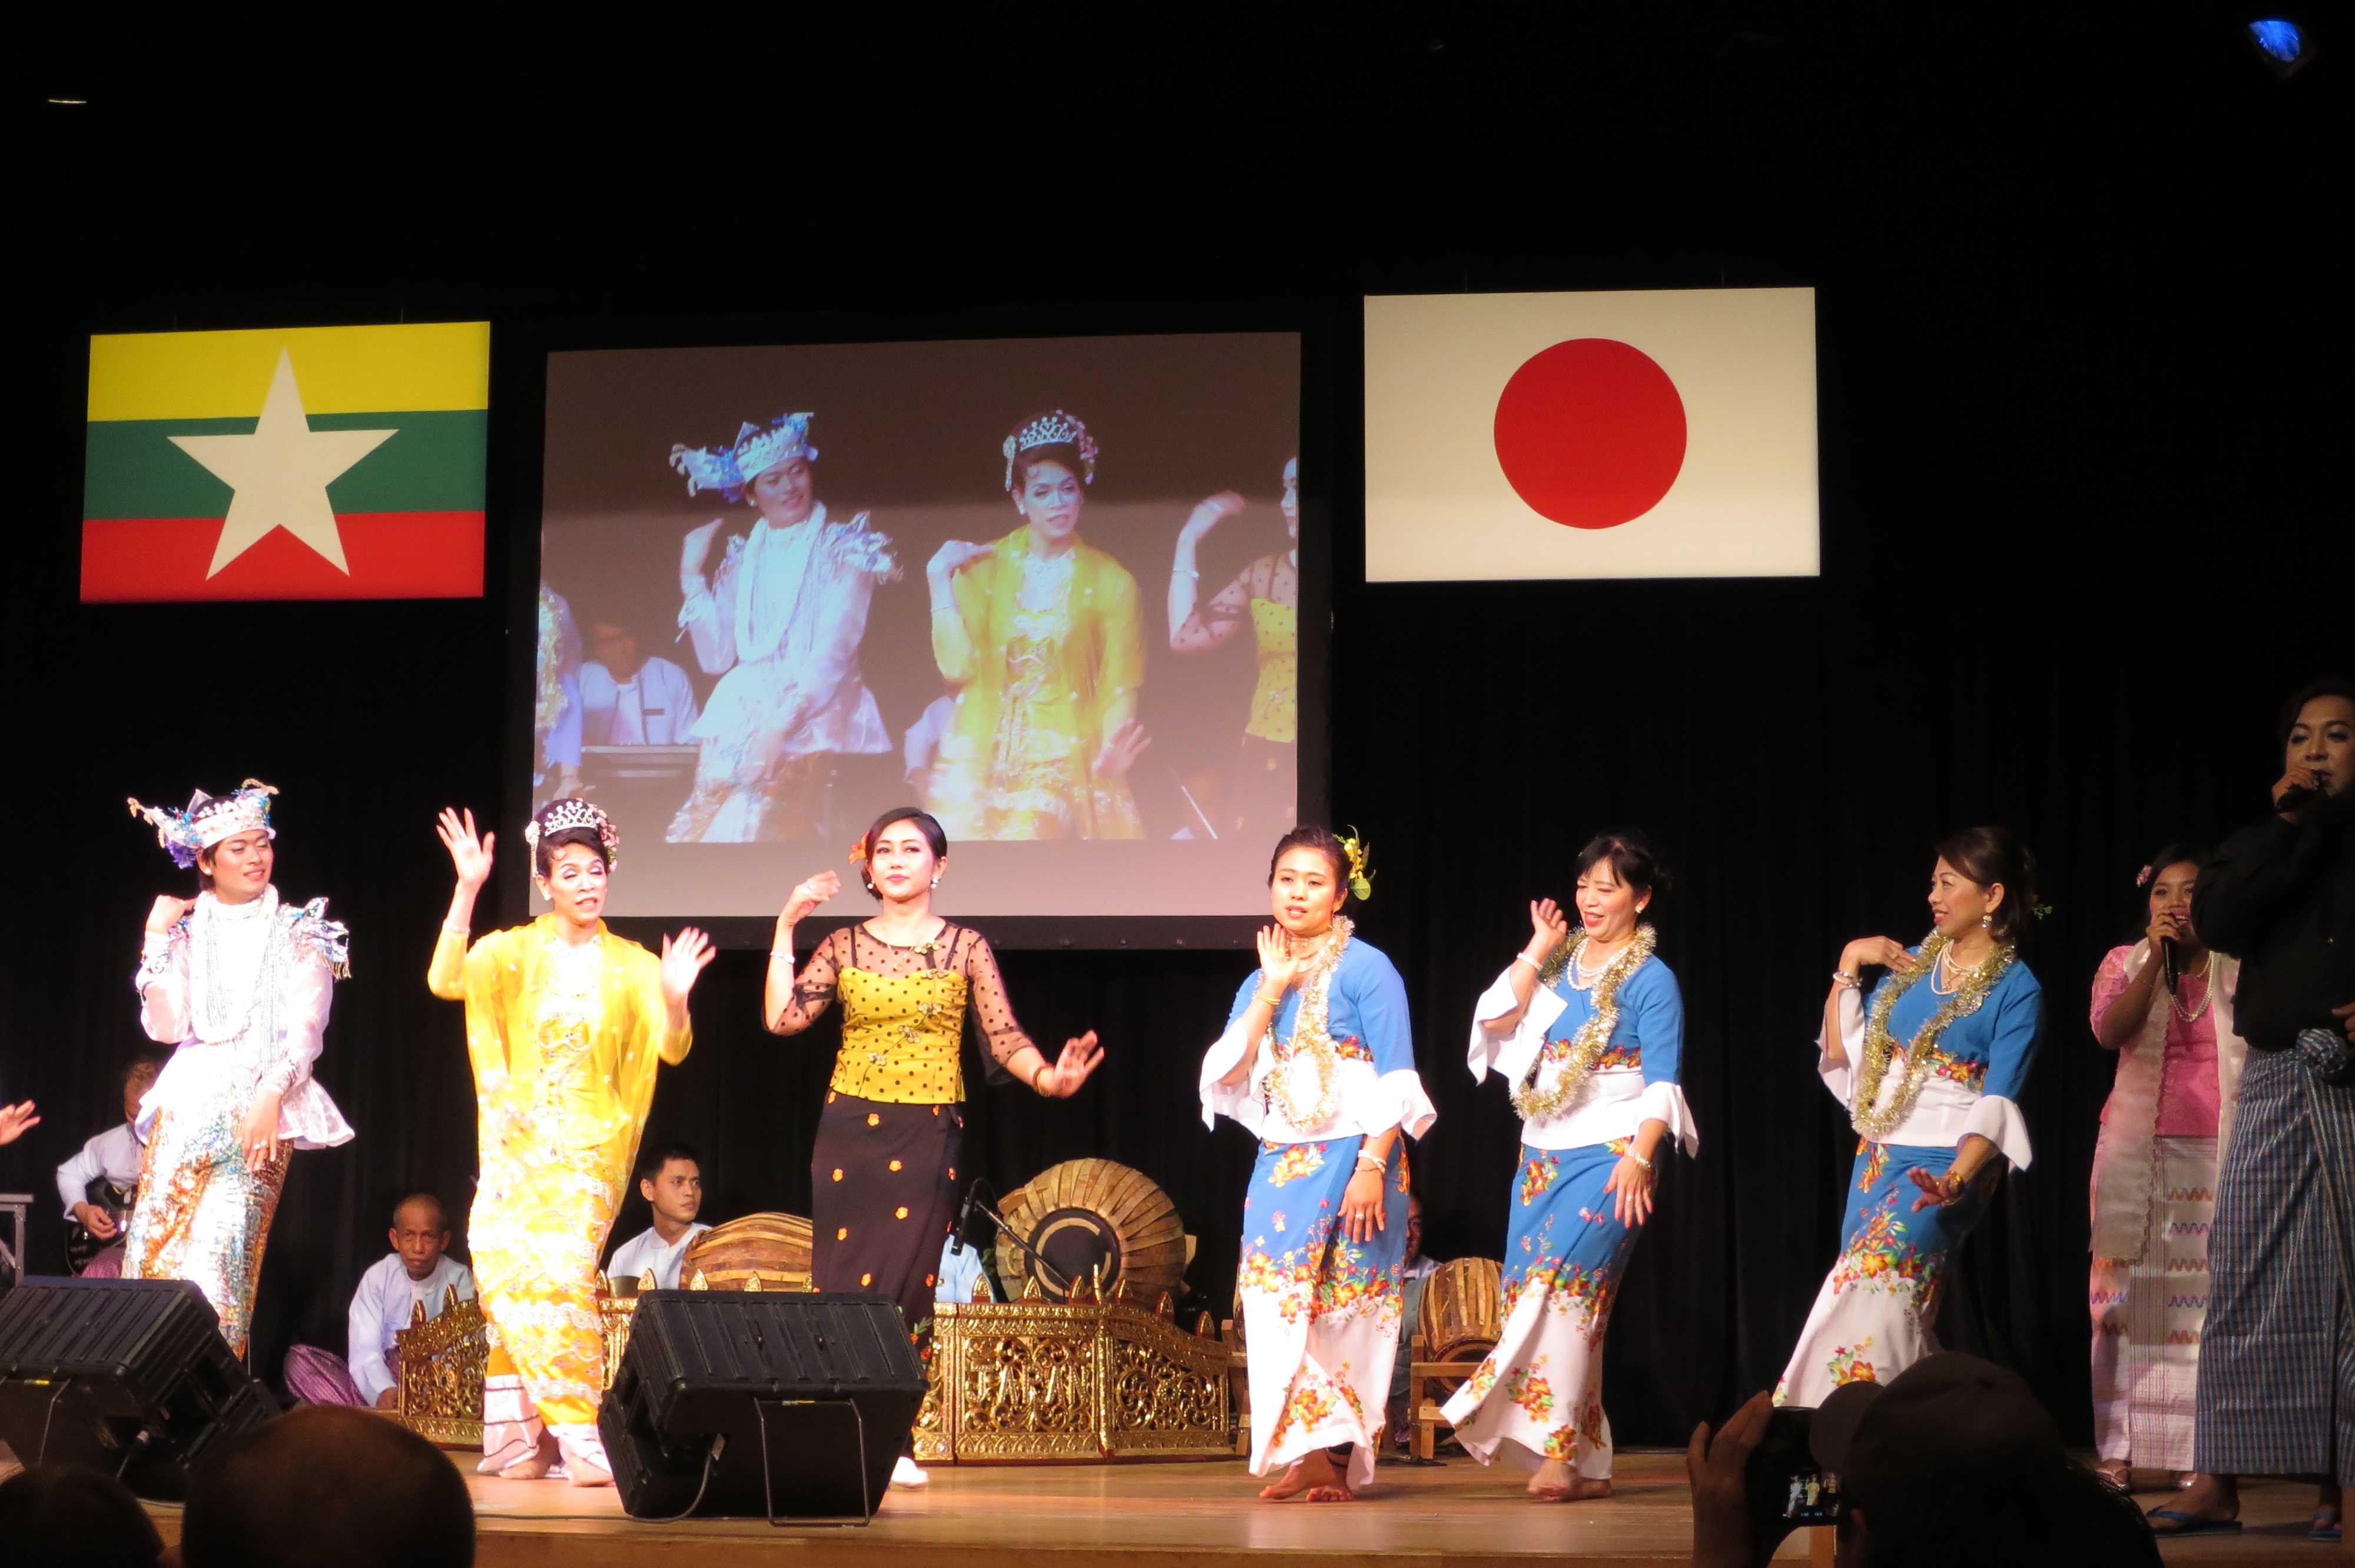 ミャンマーの伝統舞踊 - ミャンマー祭り2016